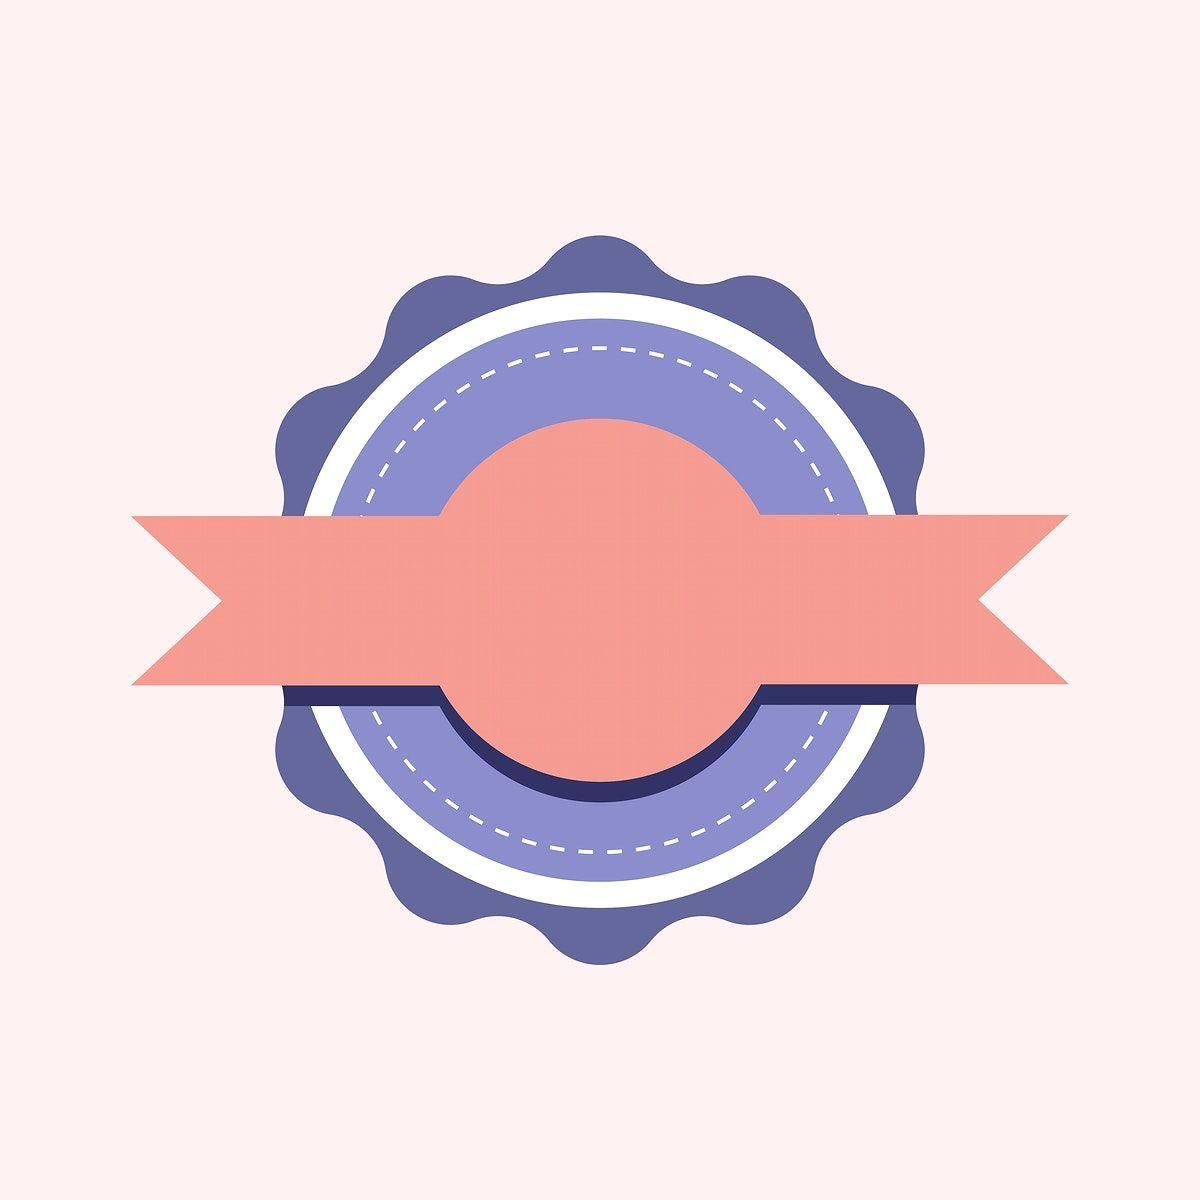 Pastel Emblem Badge Design Vector Free Image By Rawpixel Com Aew In 2020 Badge Design Vector Free Free Illustrations